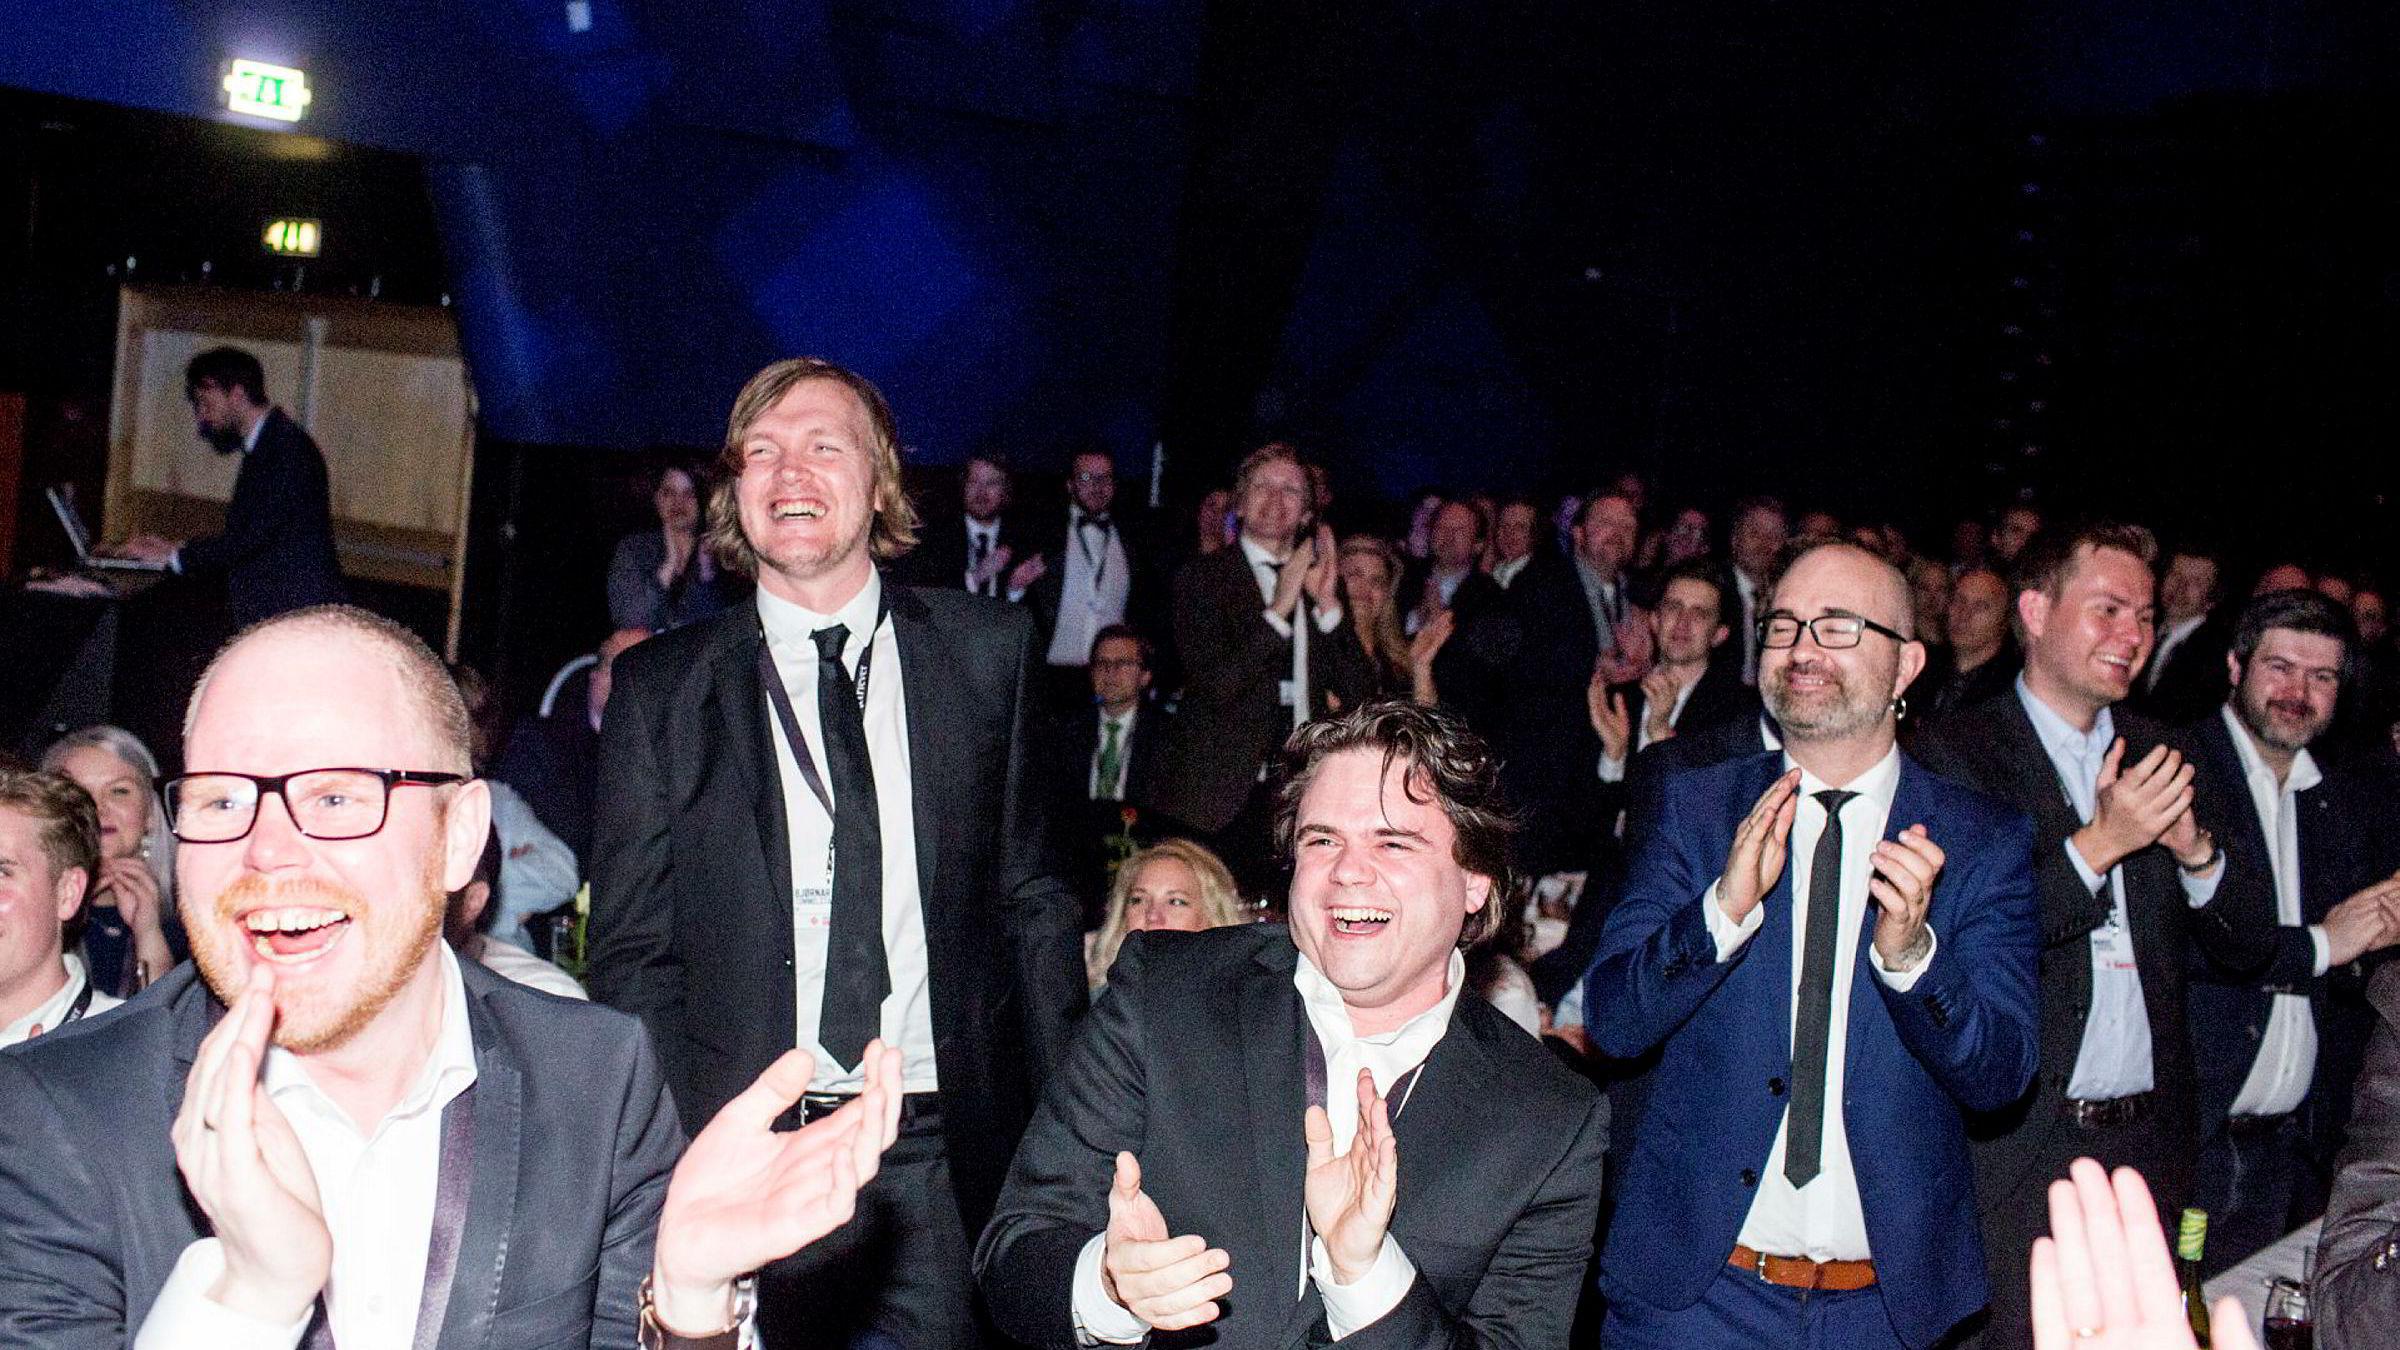 Slik feiret VG – med VG-redaktør Gard Steiro helt til venstre, da de vant Skup-prisen i april. Nå kan avisen nok en gang slippe jubelen løs.